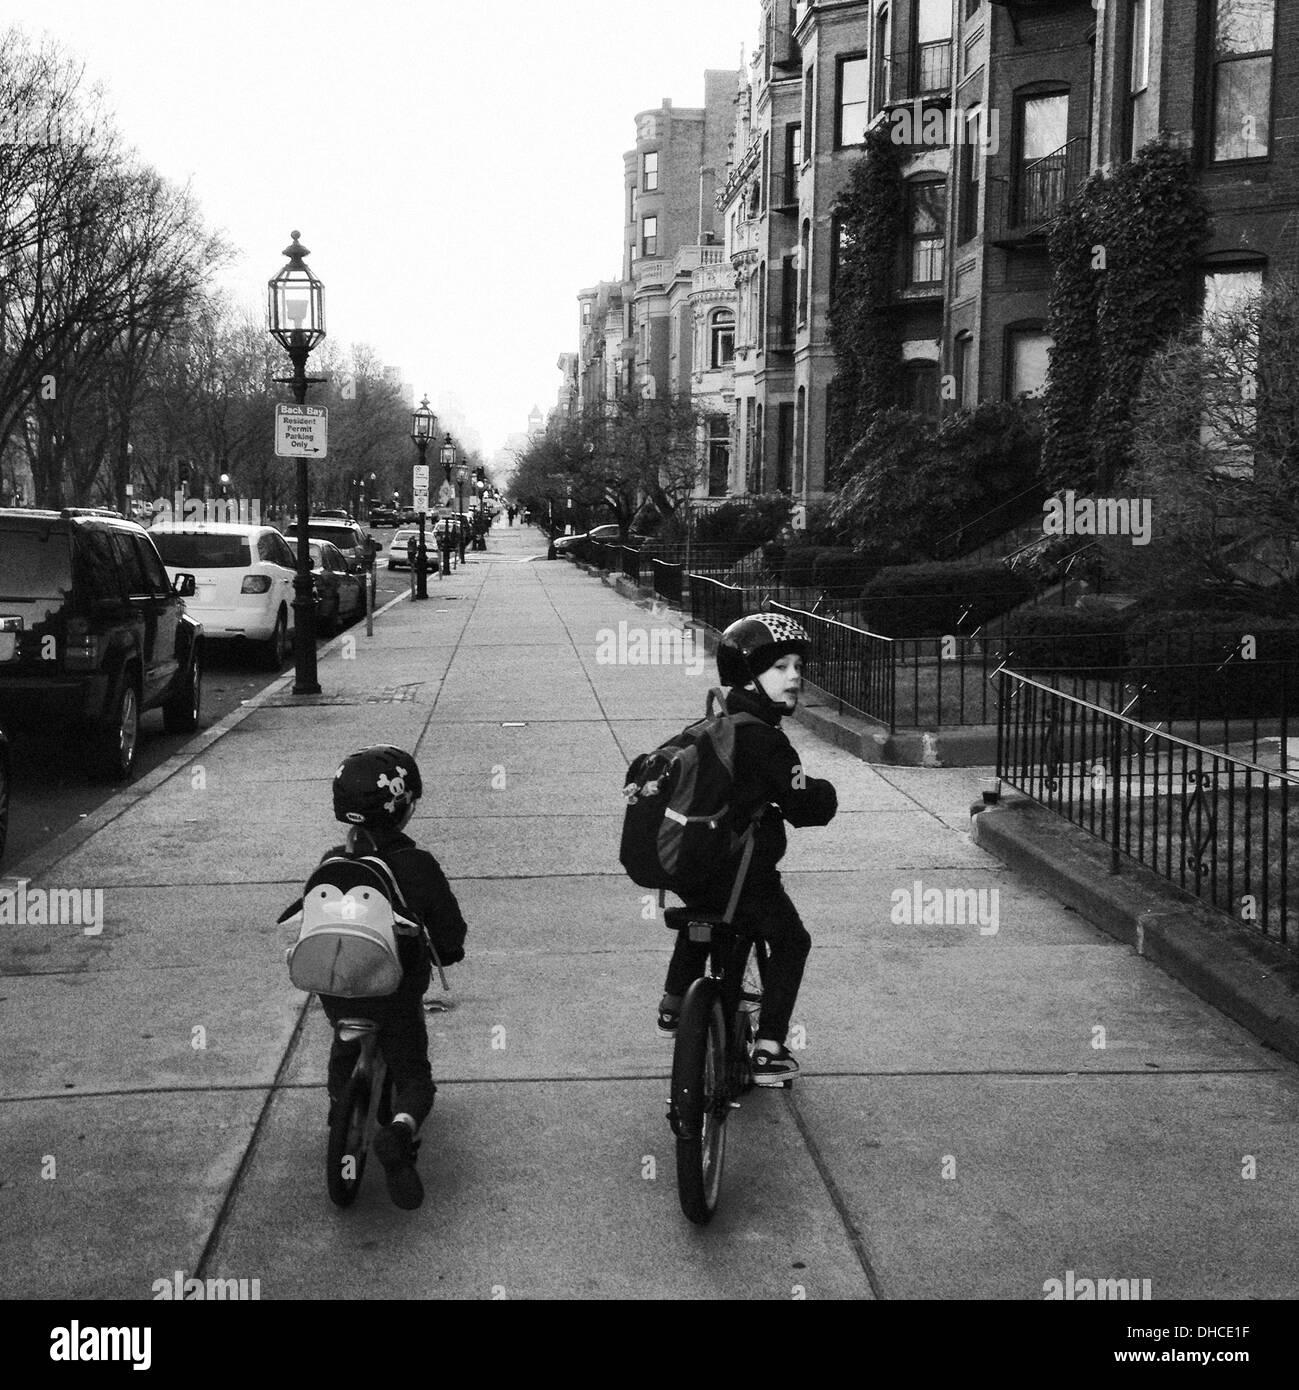 Dos muchachos en bicicleta sobre la acera Urbana, vista trasera Foto de stock